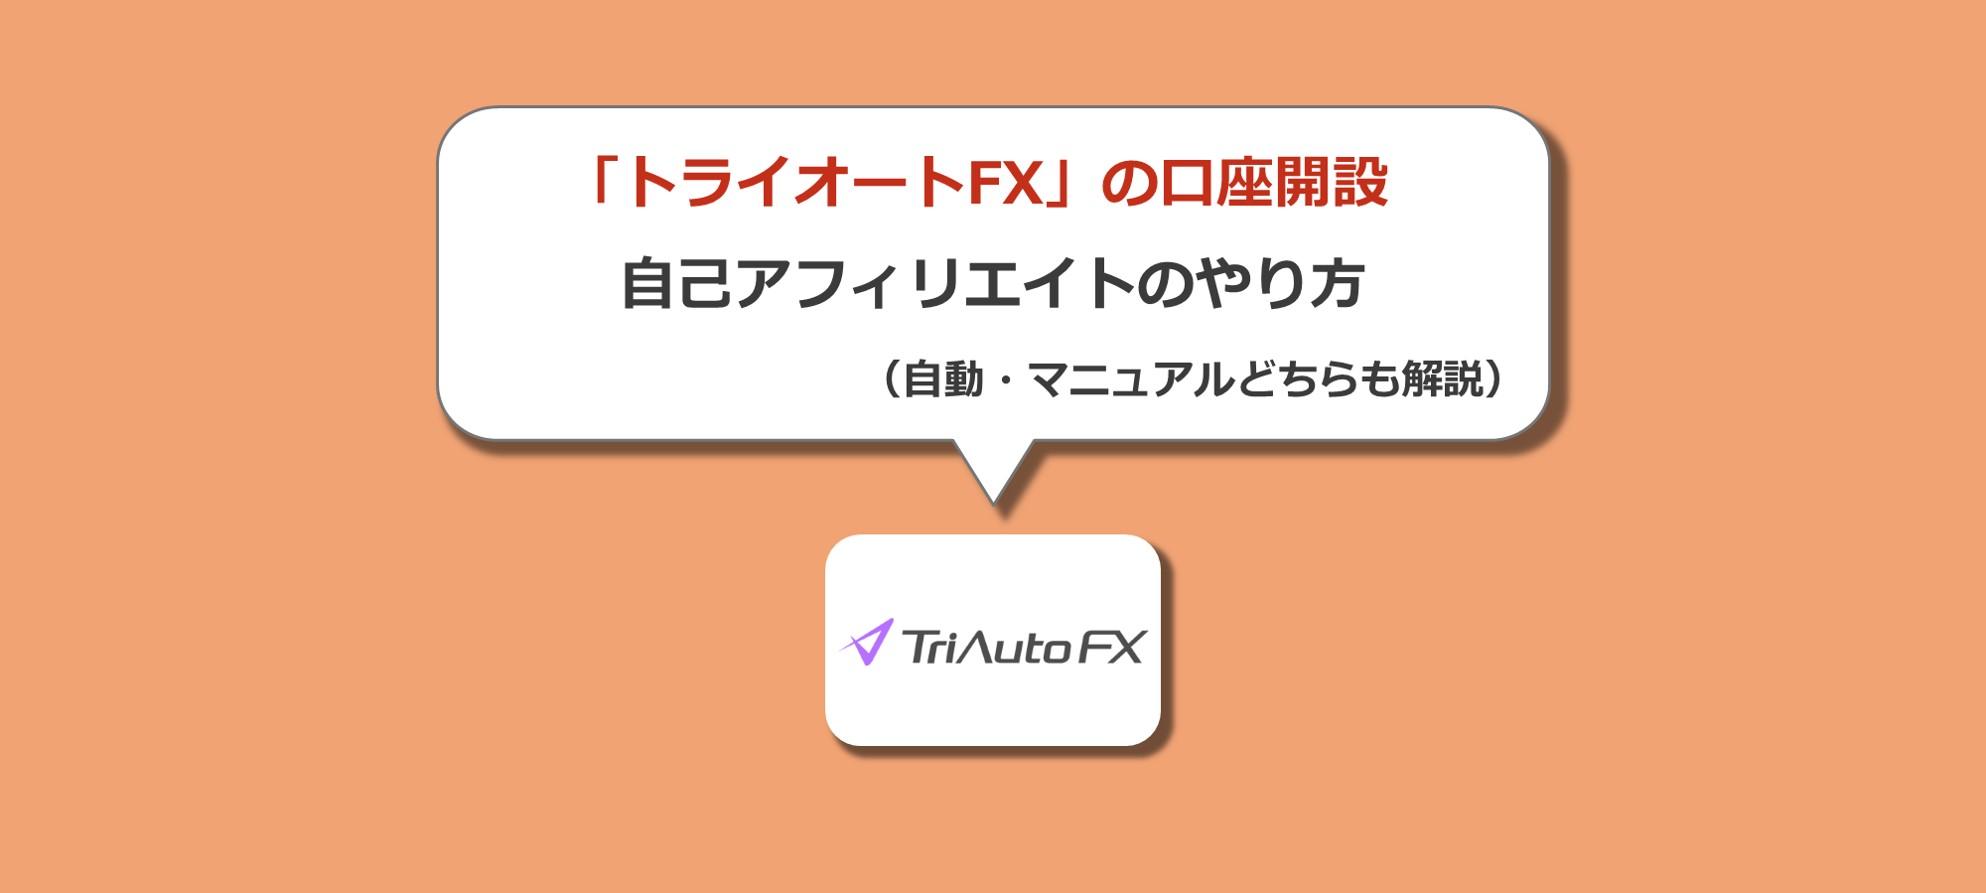 【自己アフィリエイト】トライオートFXで報酬を受取る具体的な取引手順